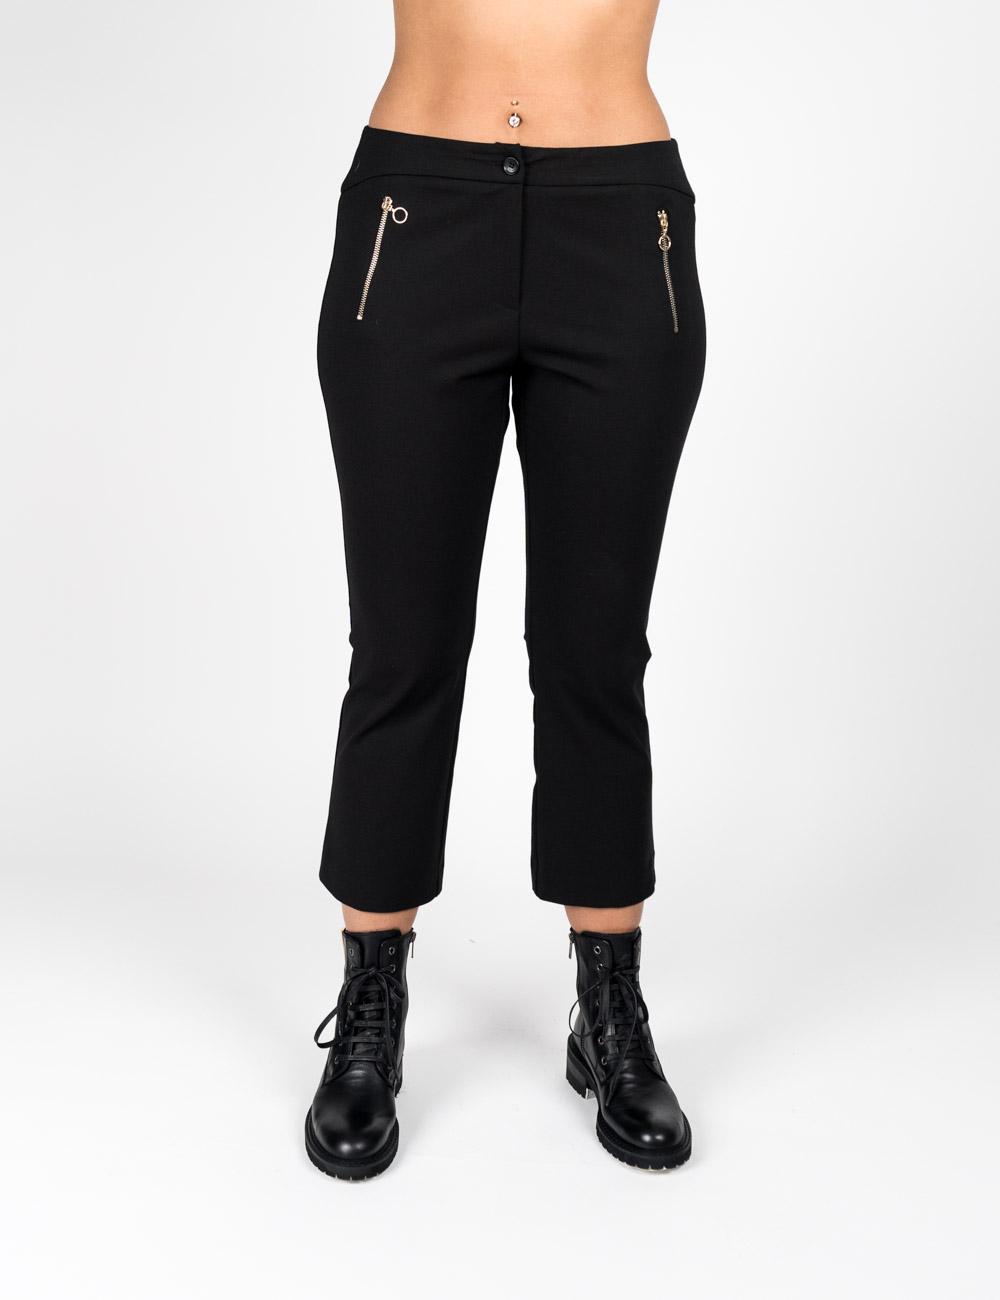 Gaia Life - Pantalone con fondo a zampetta nero